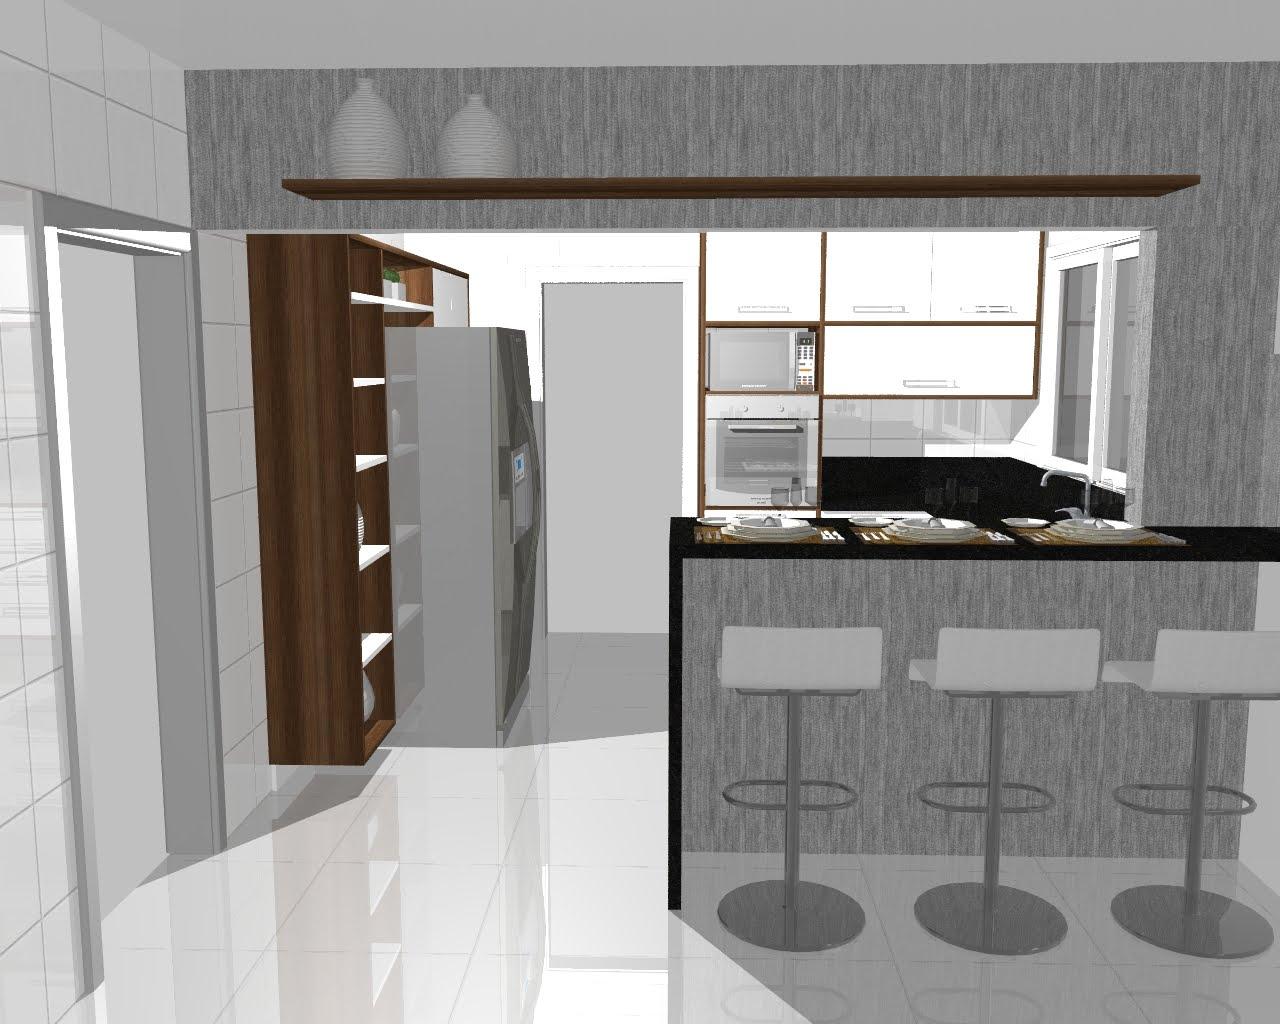 na cozinha cozinha integrada cozinha planejada móveis planejados #456033 1280 1024